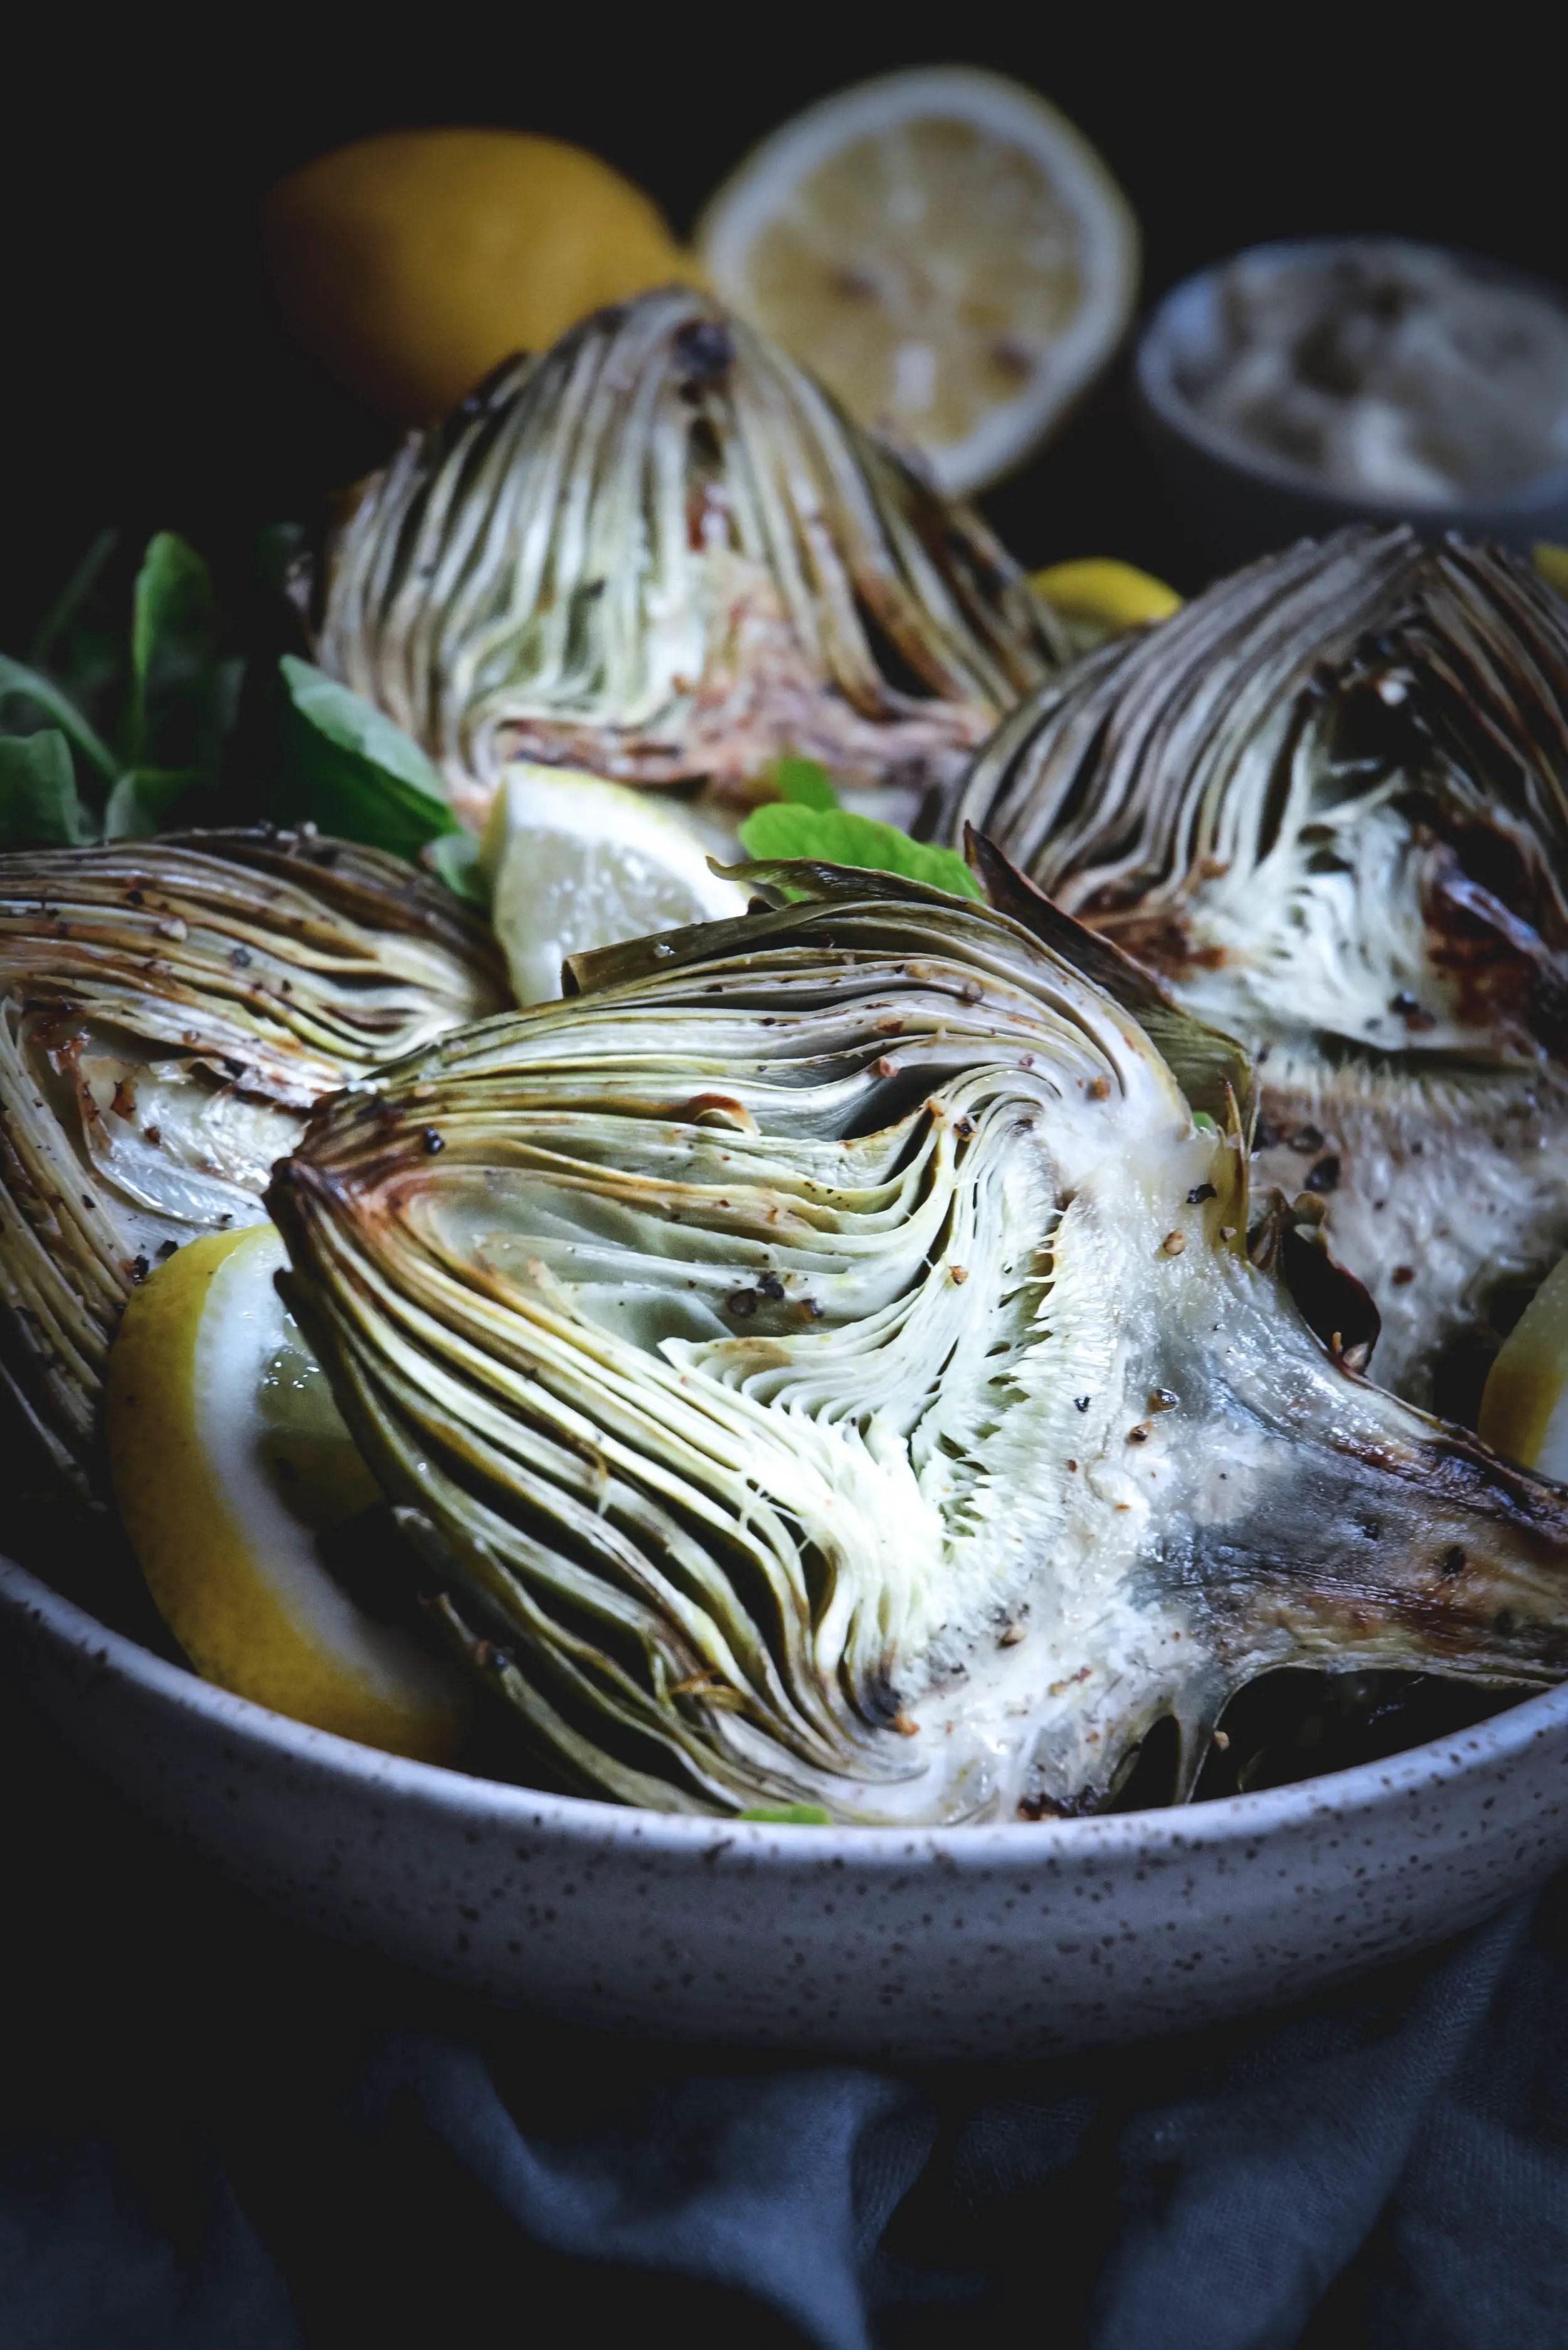 roasted artichoke halves in bowl